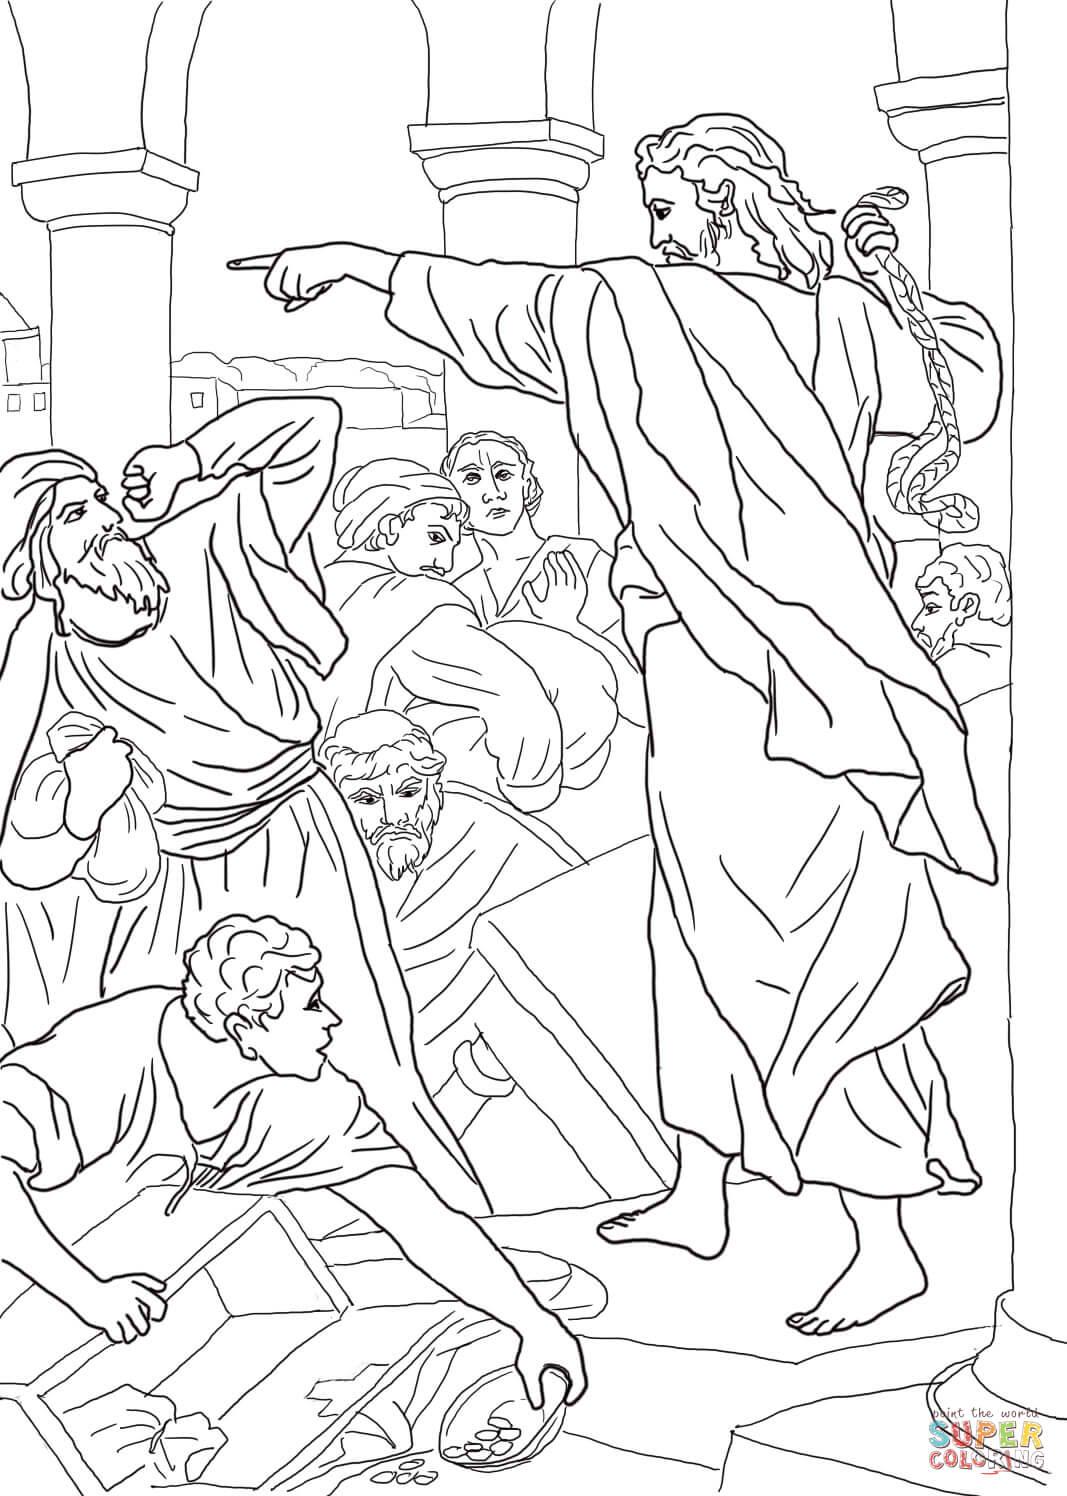 Ausmalbild Jesus Vertreibt Geldwechsler Aus Dem